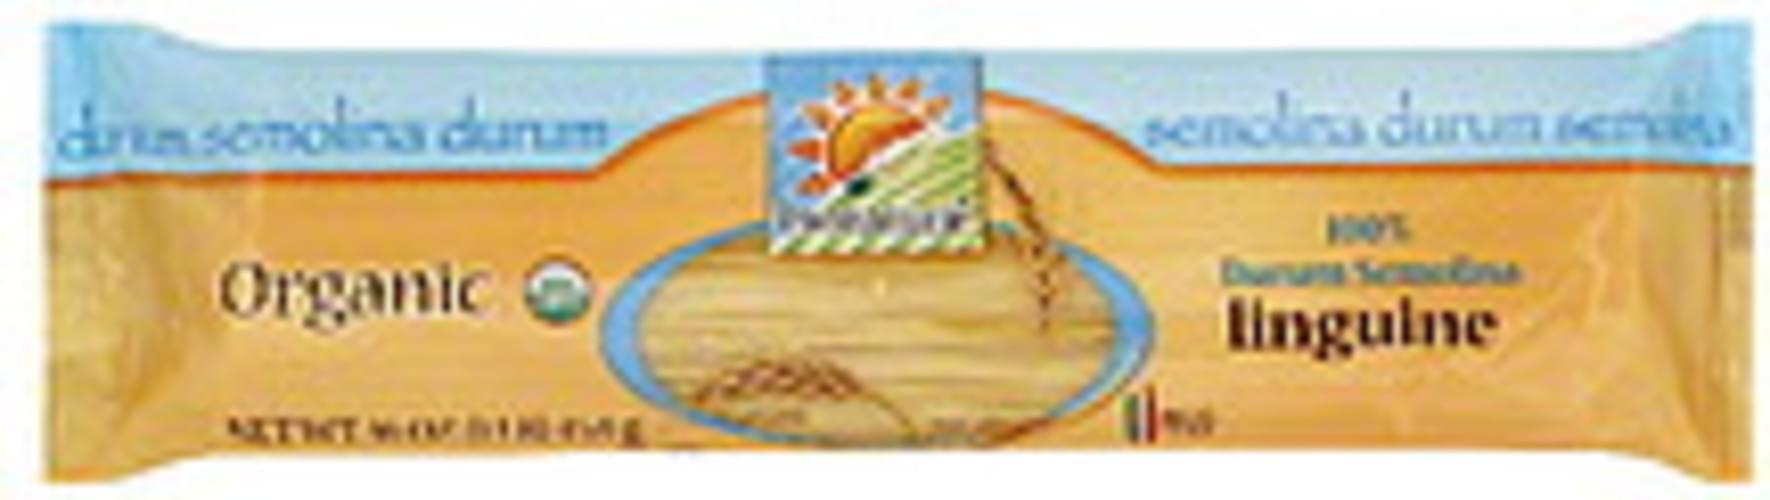 Bionaturae Linguine 16 Oz Pasta - 12 pkg